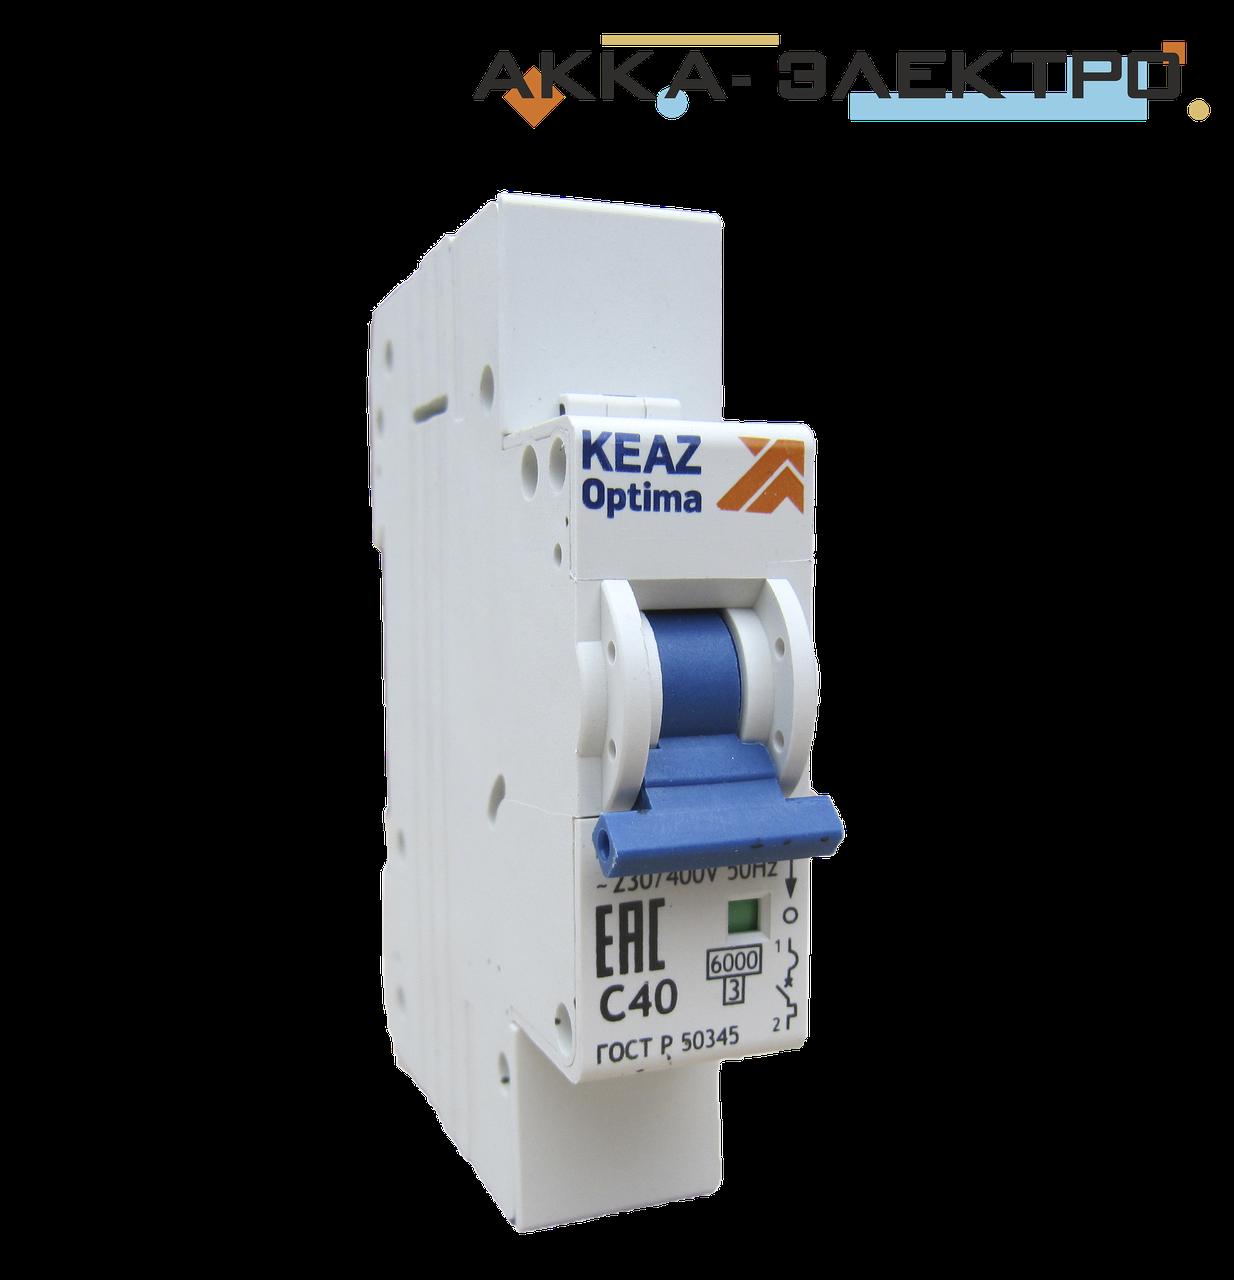 Выключатель автоматический BM-63 1п/63А KEAZ optima